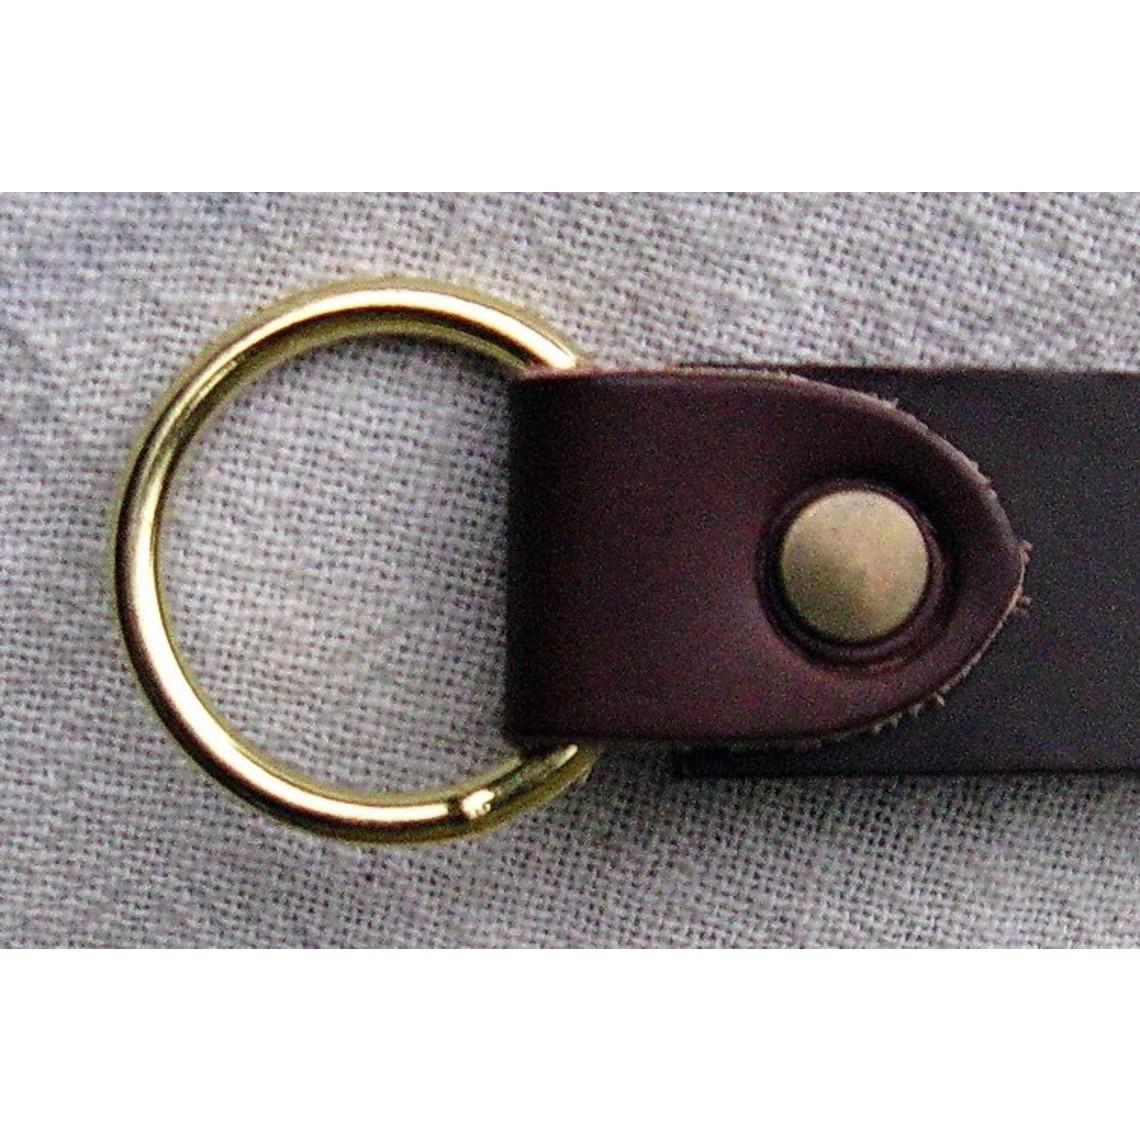 cinturón anillo de cuero 4 cm, marrón